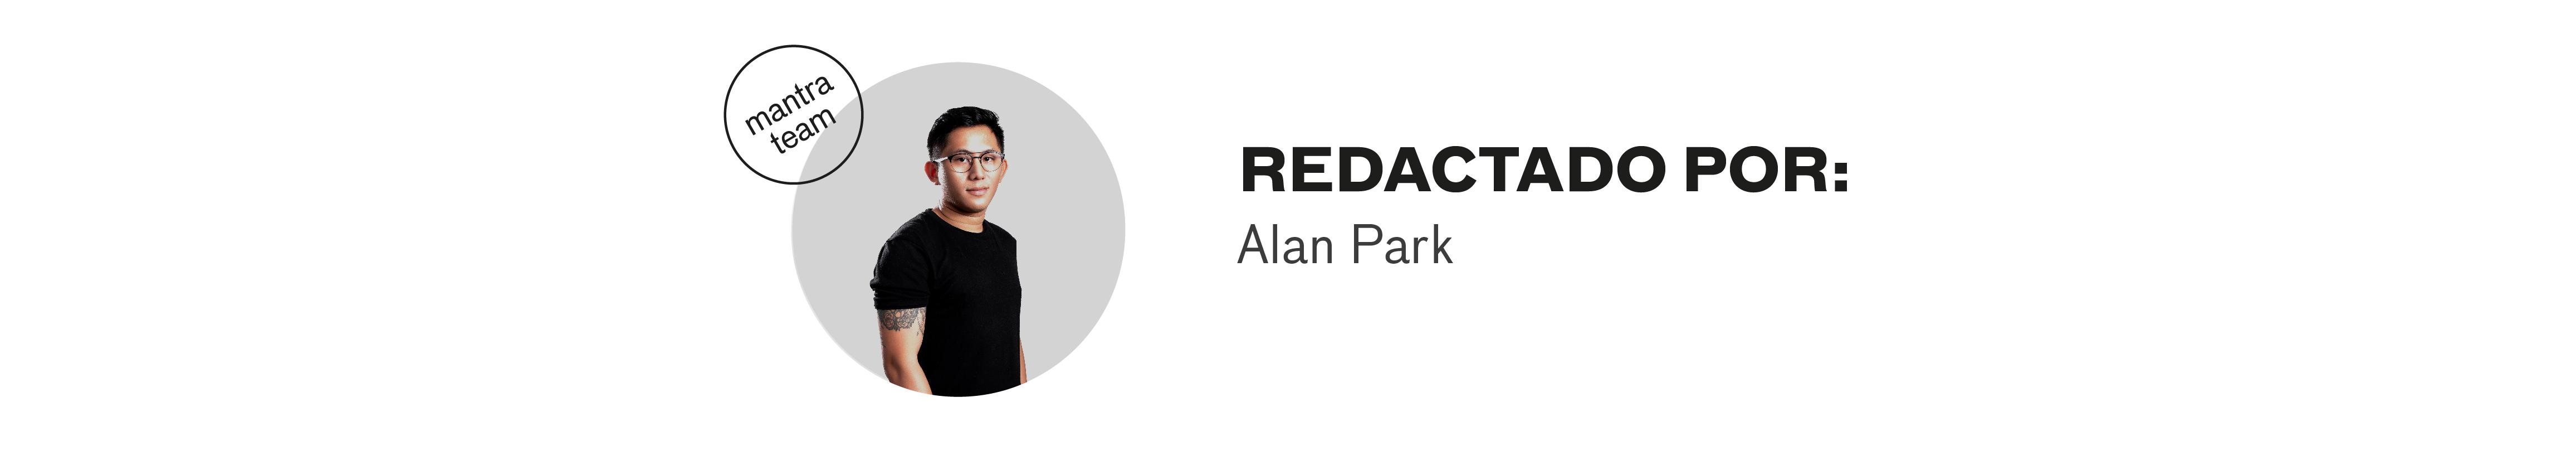 Redactado por Alan Park